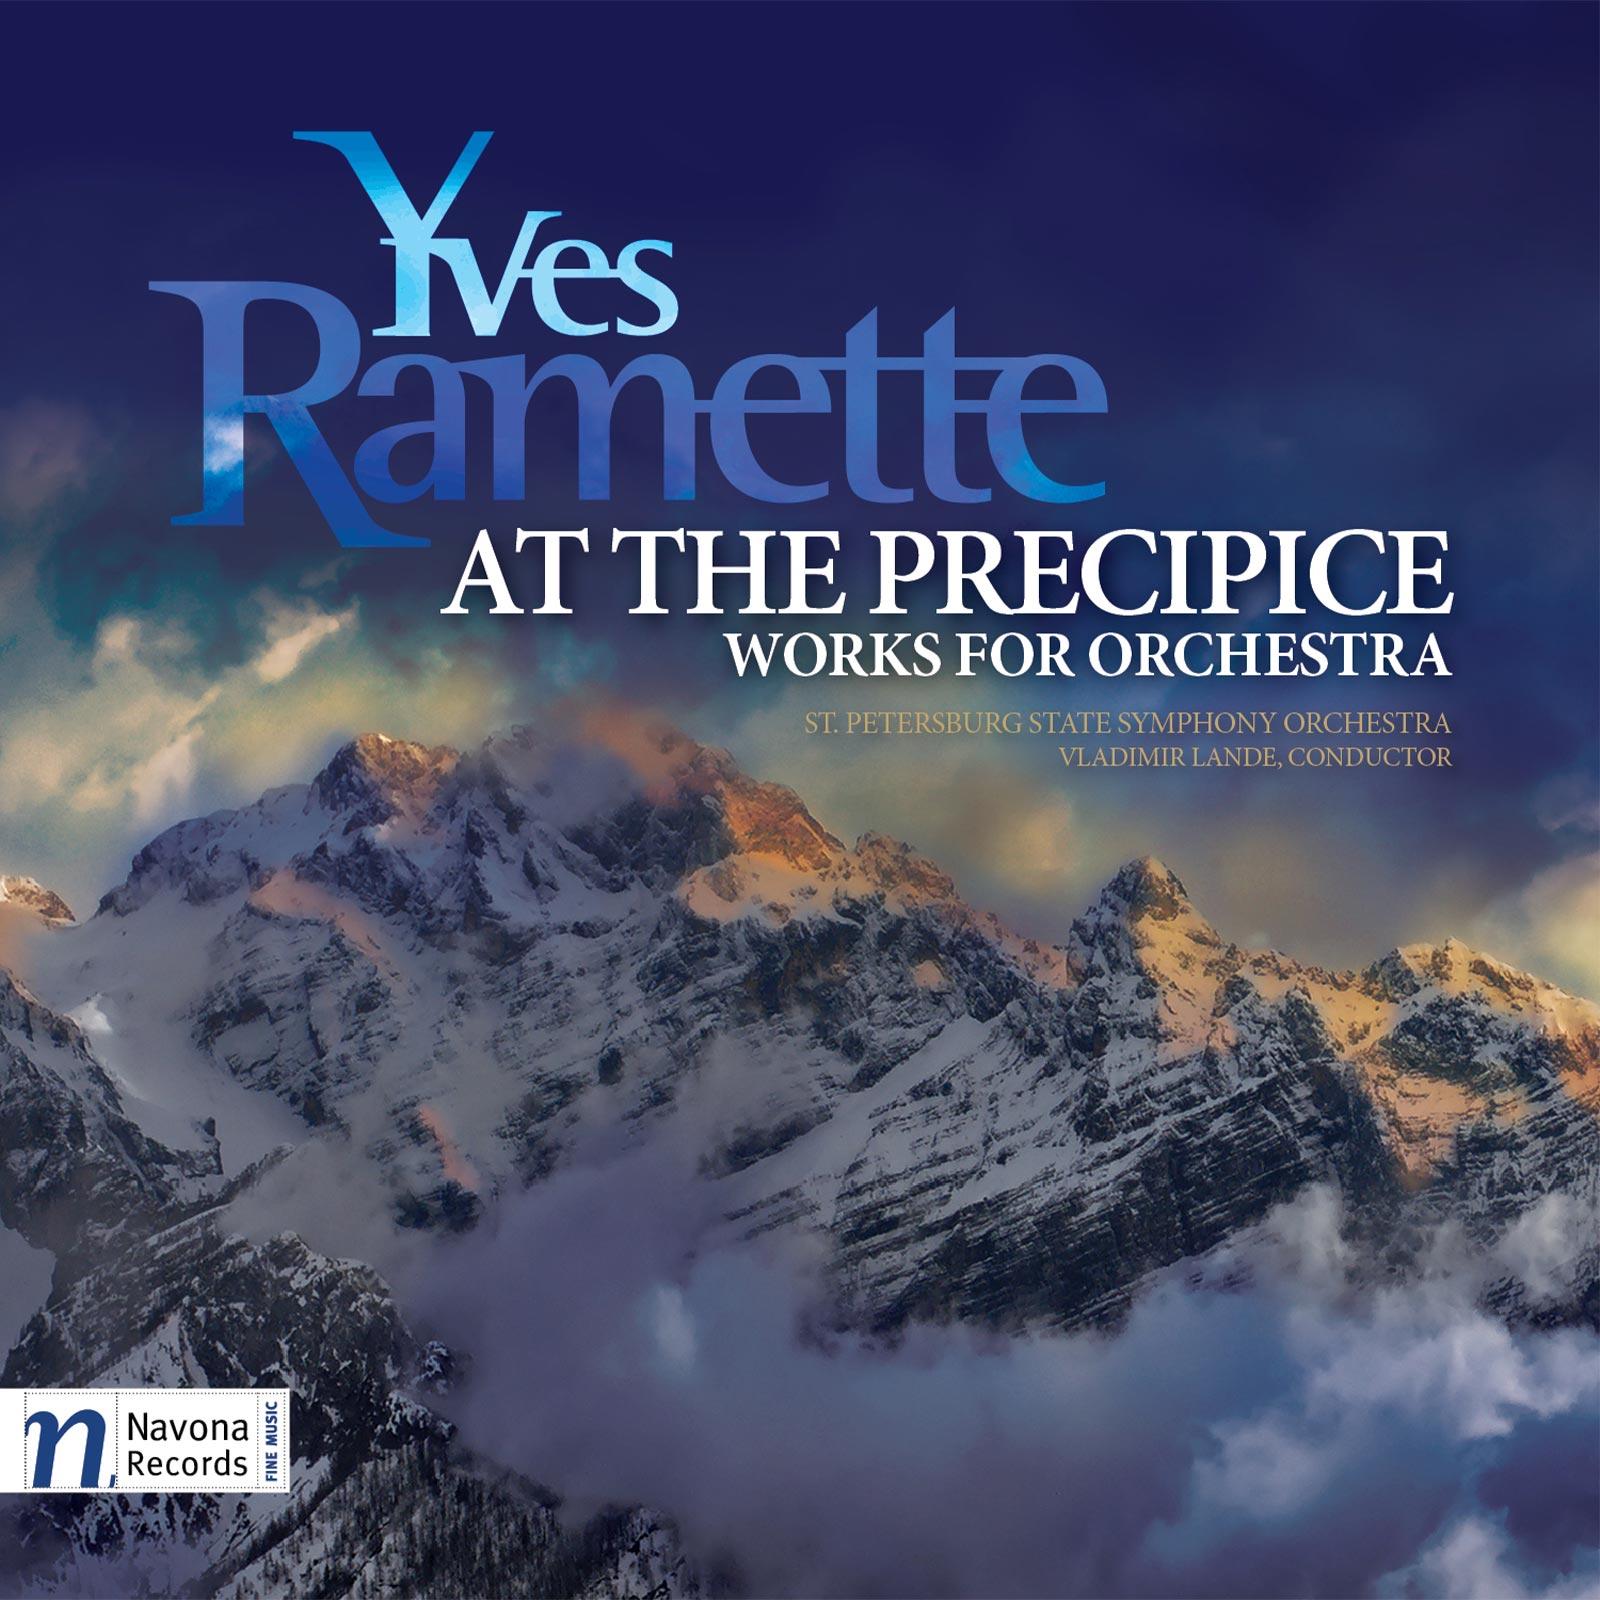 At the Precipice